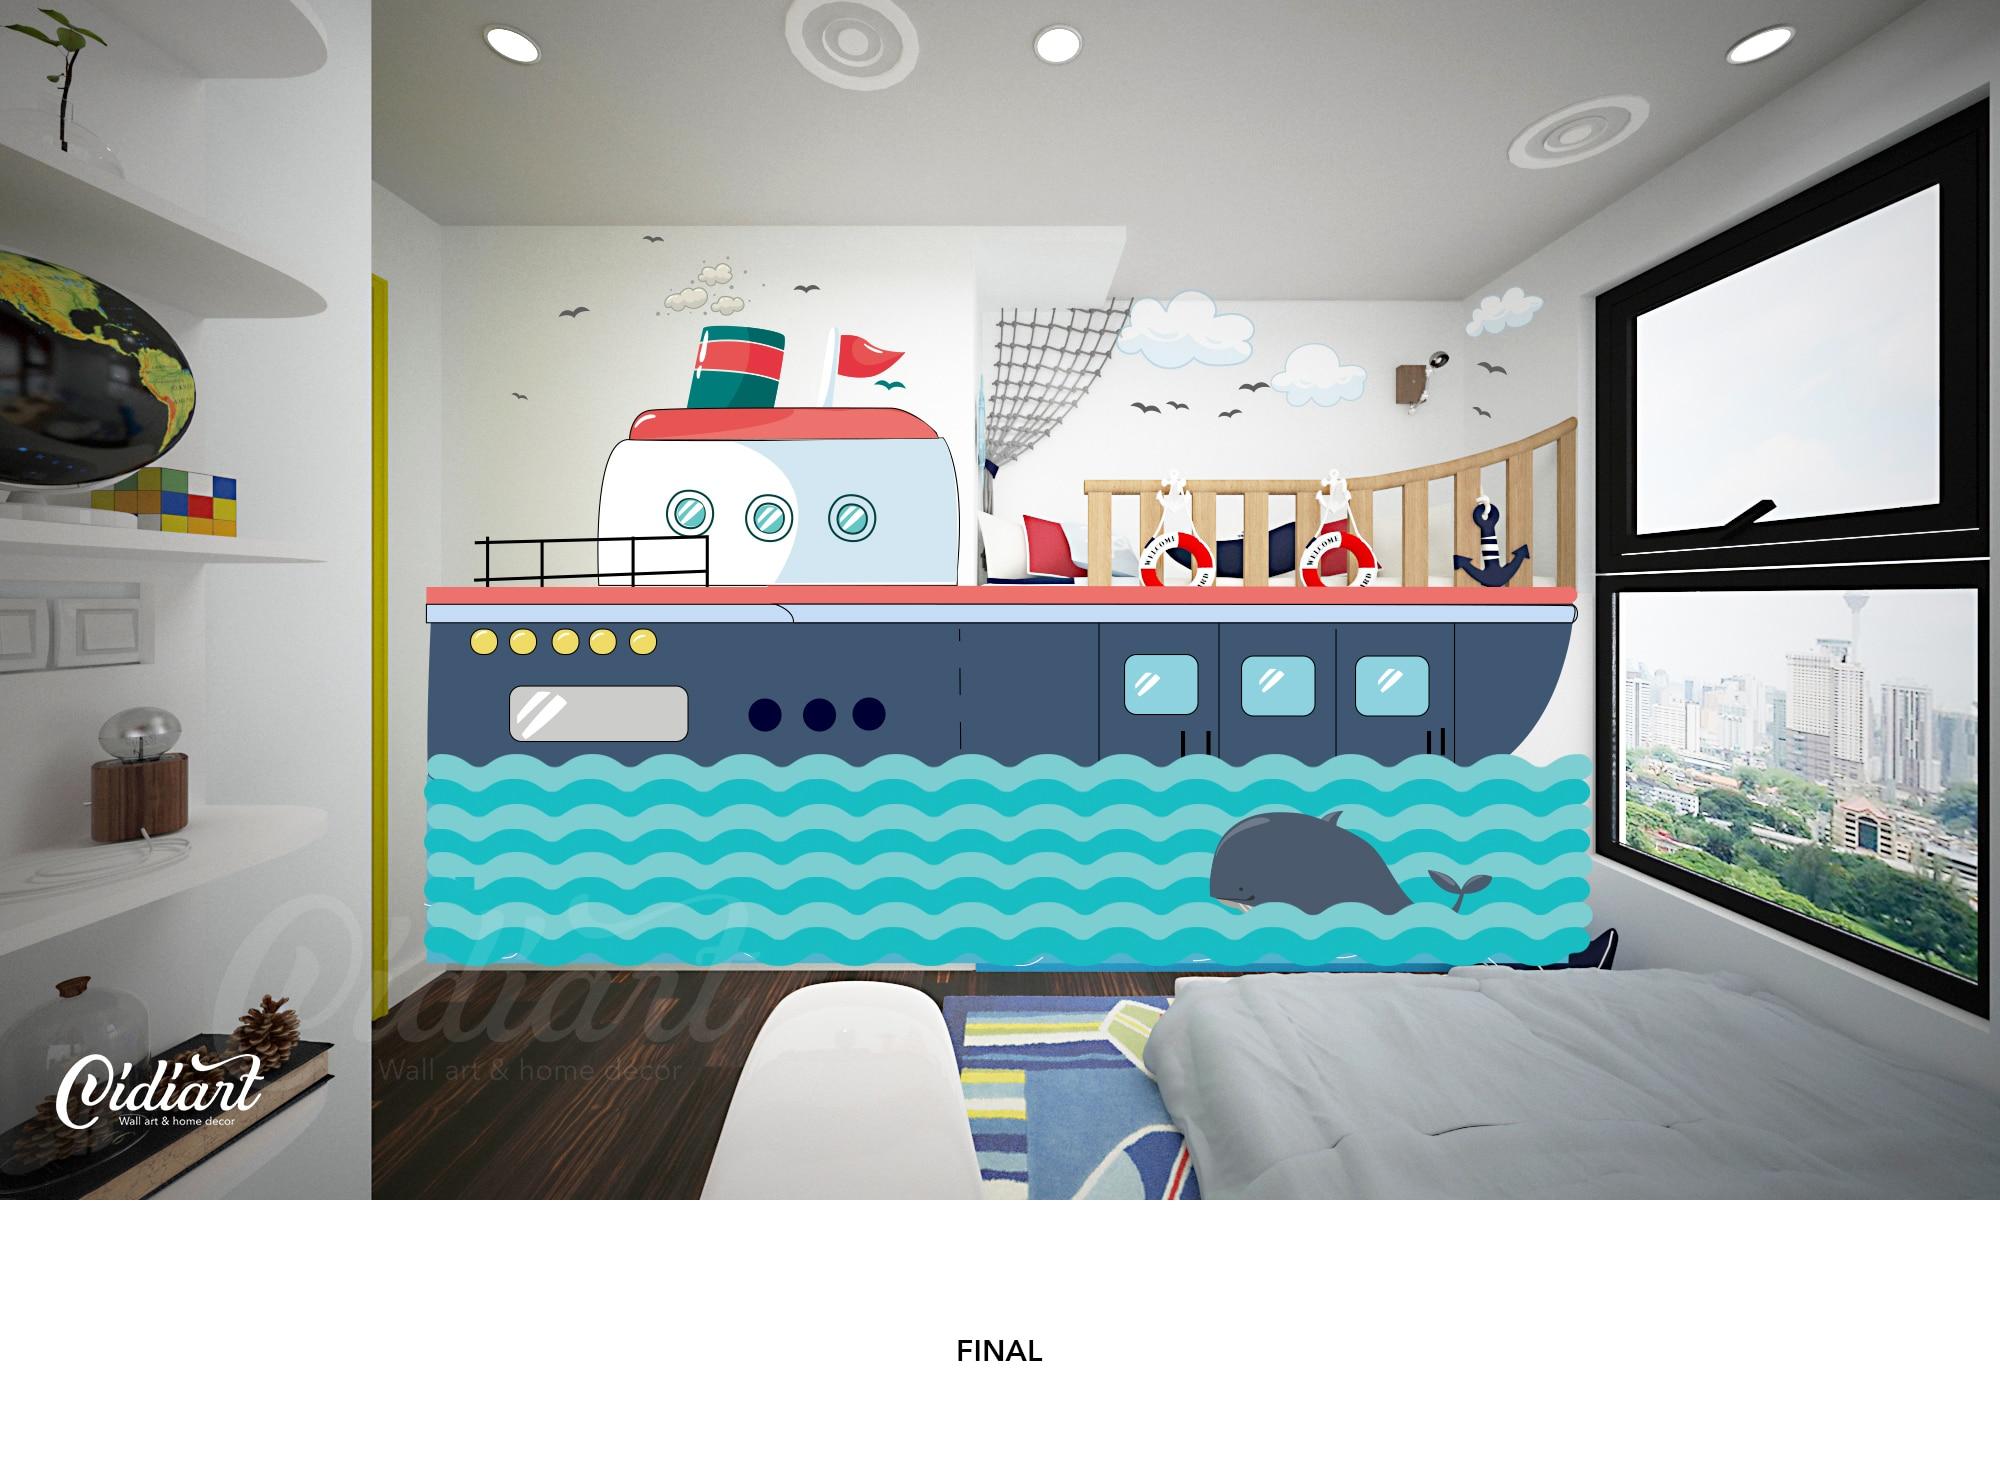 Mẫu tranh tường thiết kế theo yêu cầu